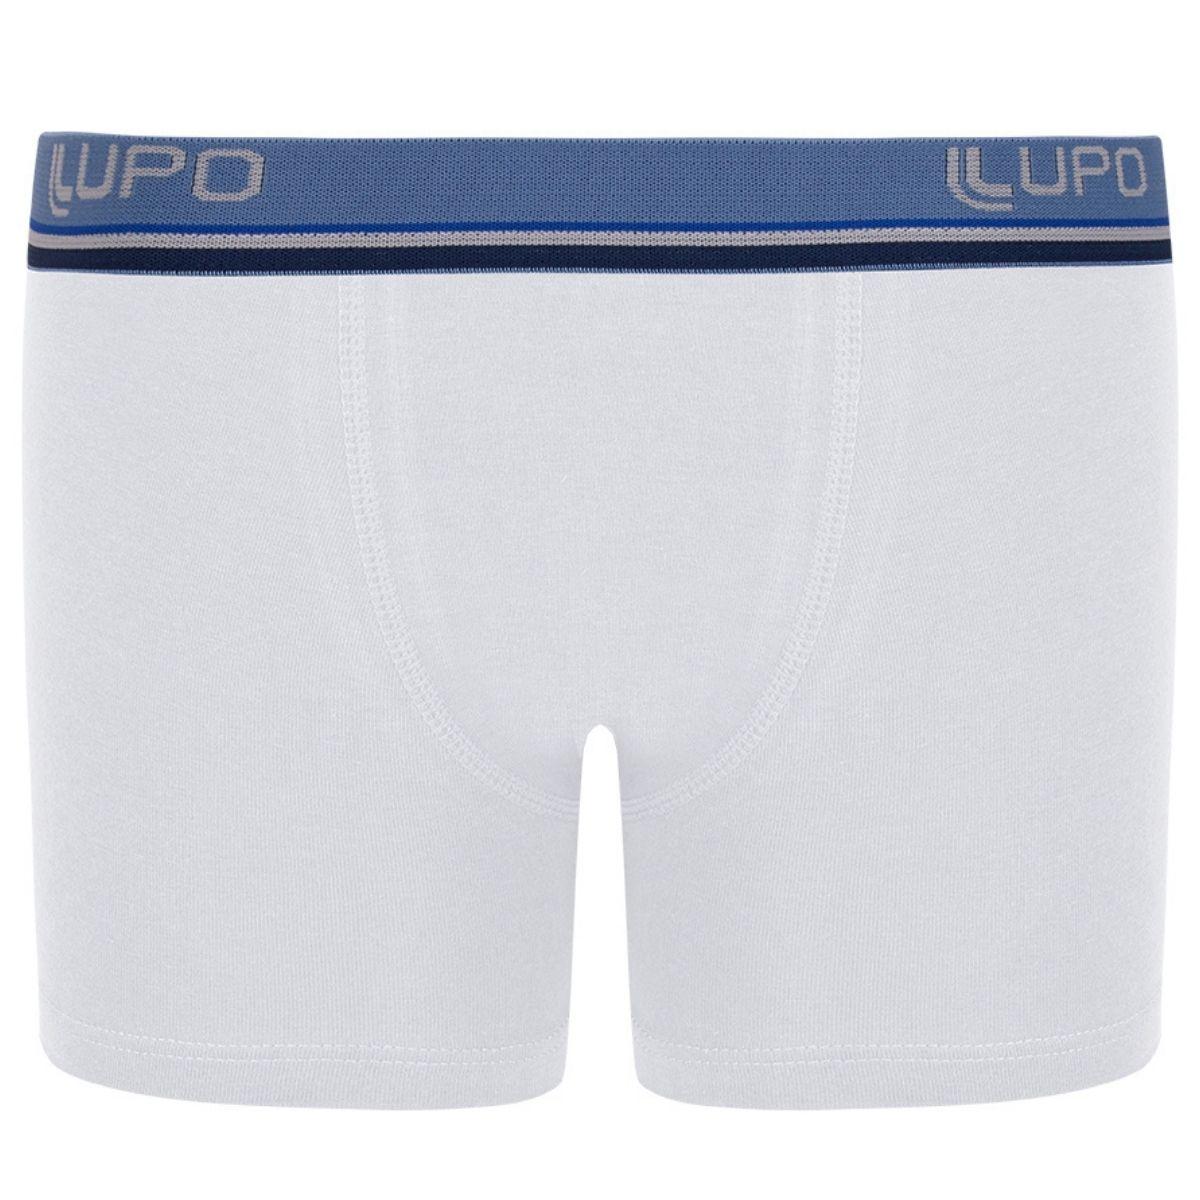 Kit 2 cuecas boxer infantil algodão com elastano básica lupo